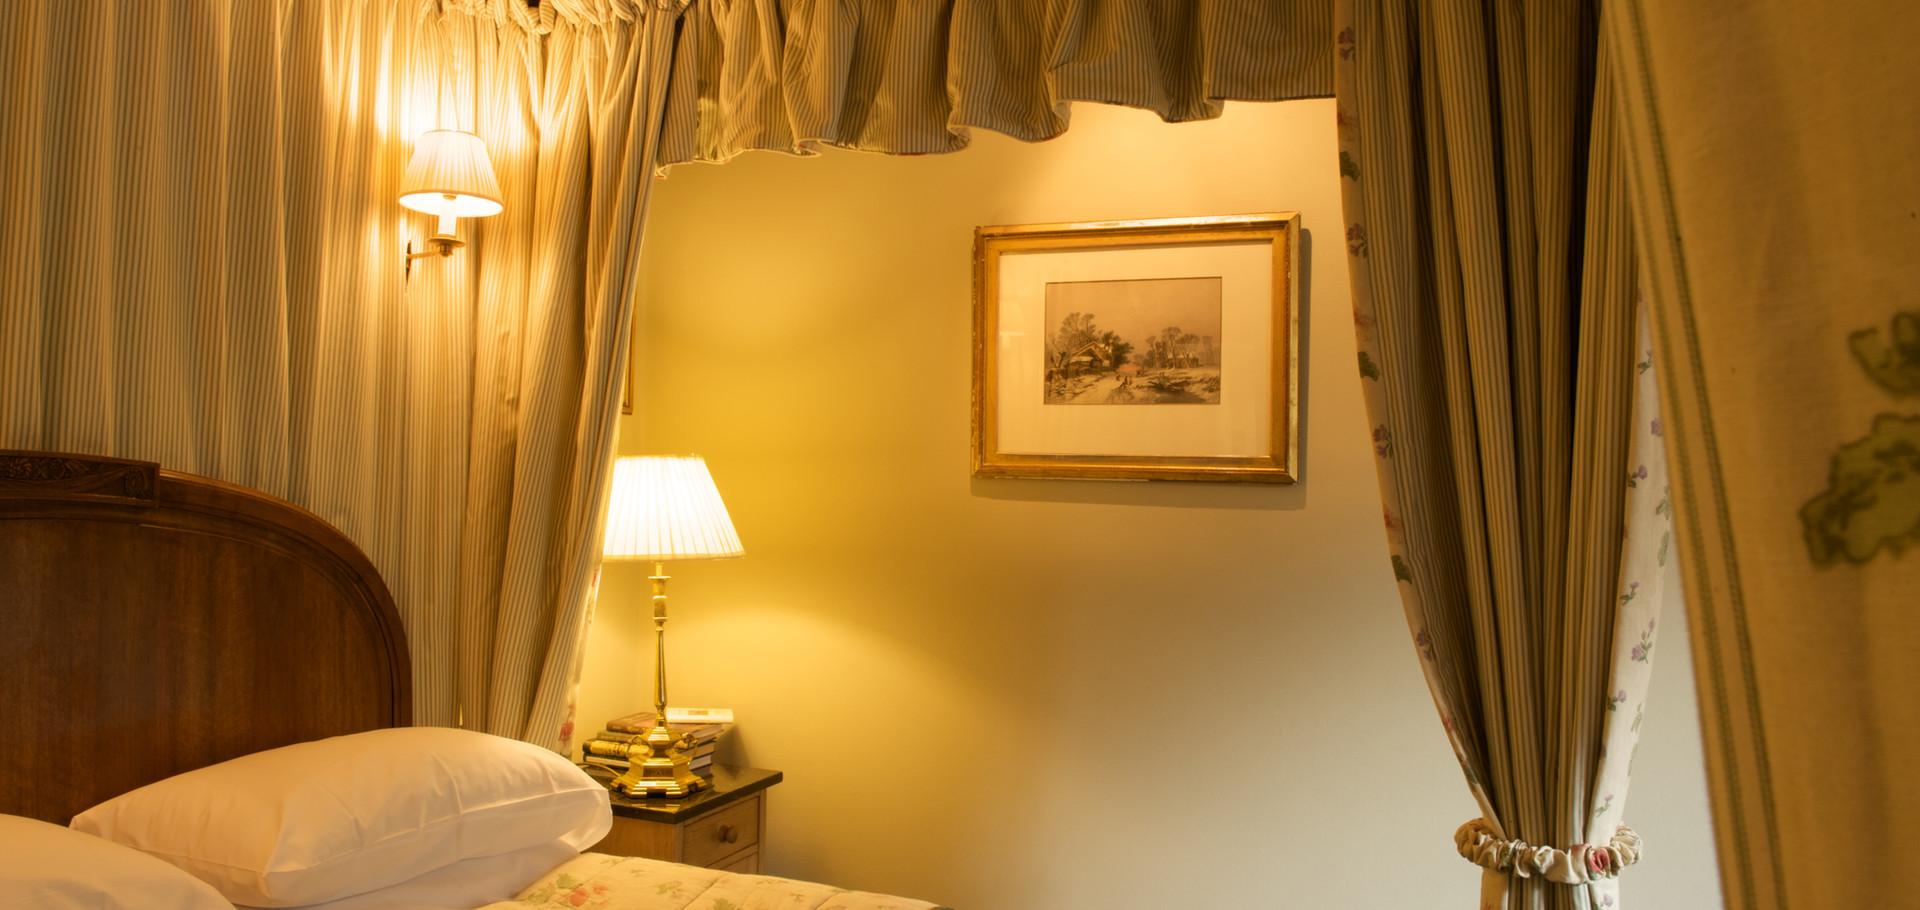 Room 8 Bedroom